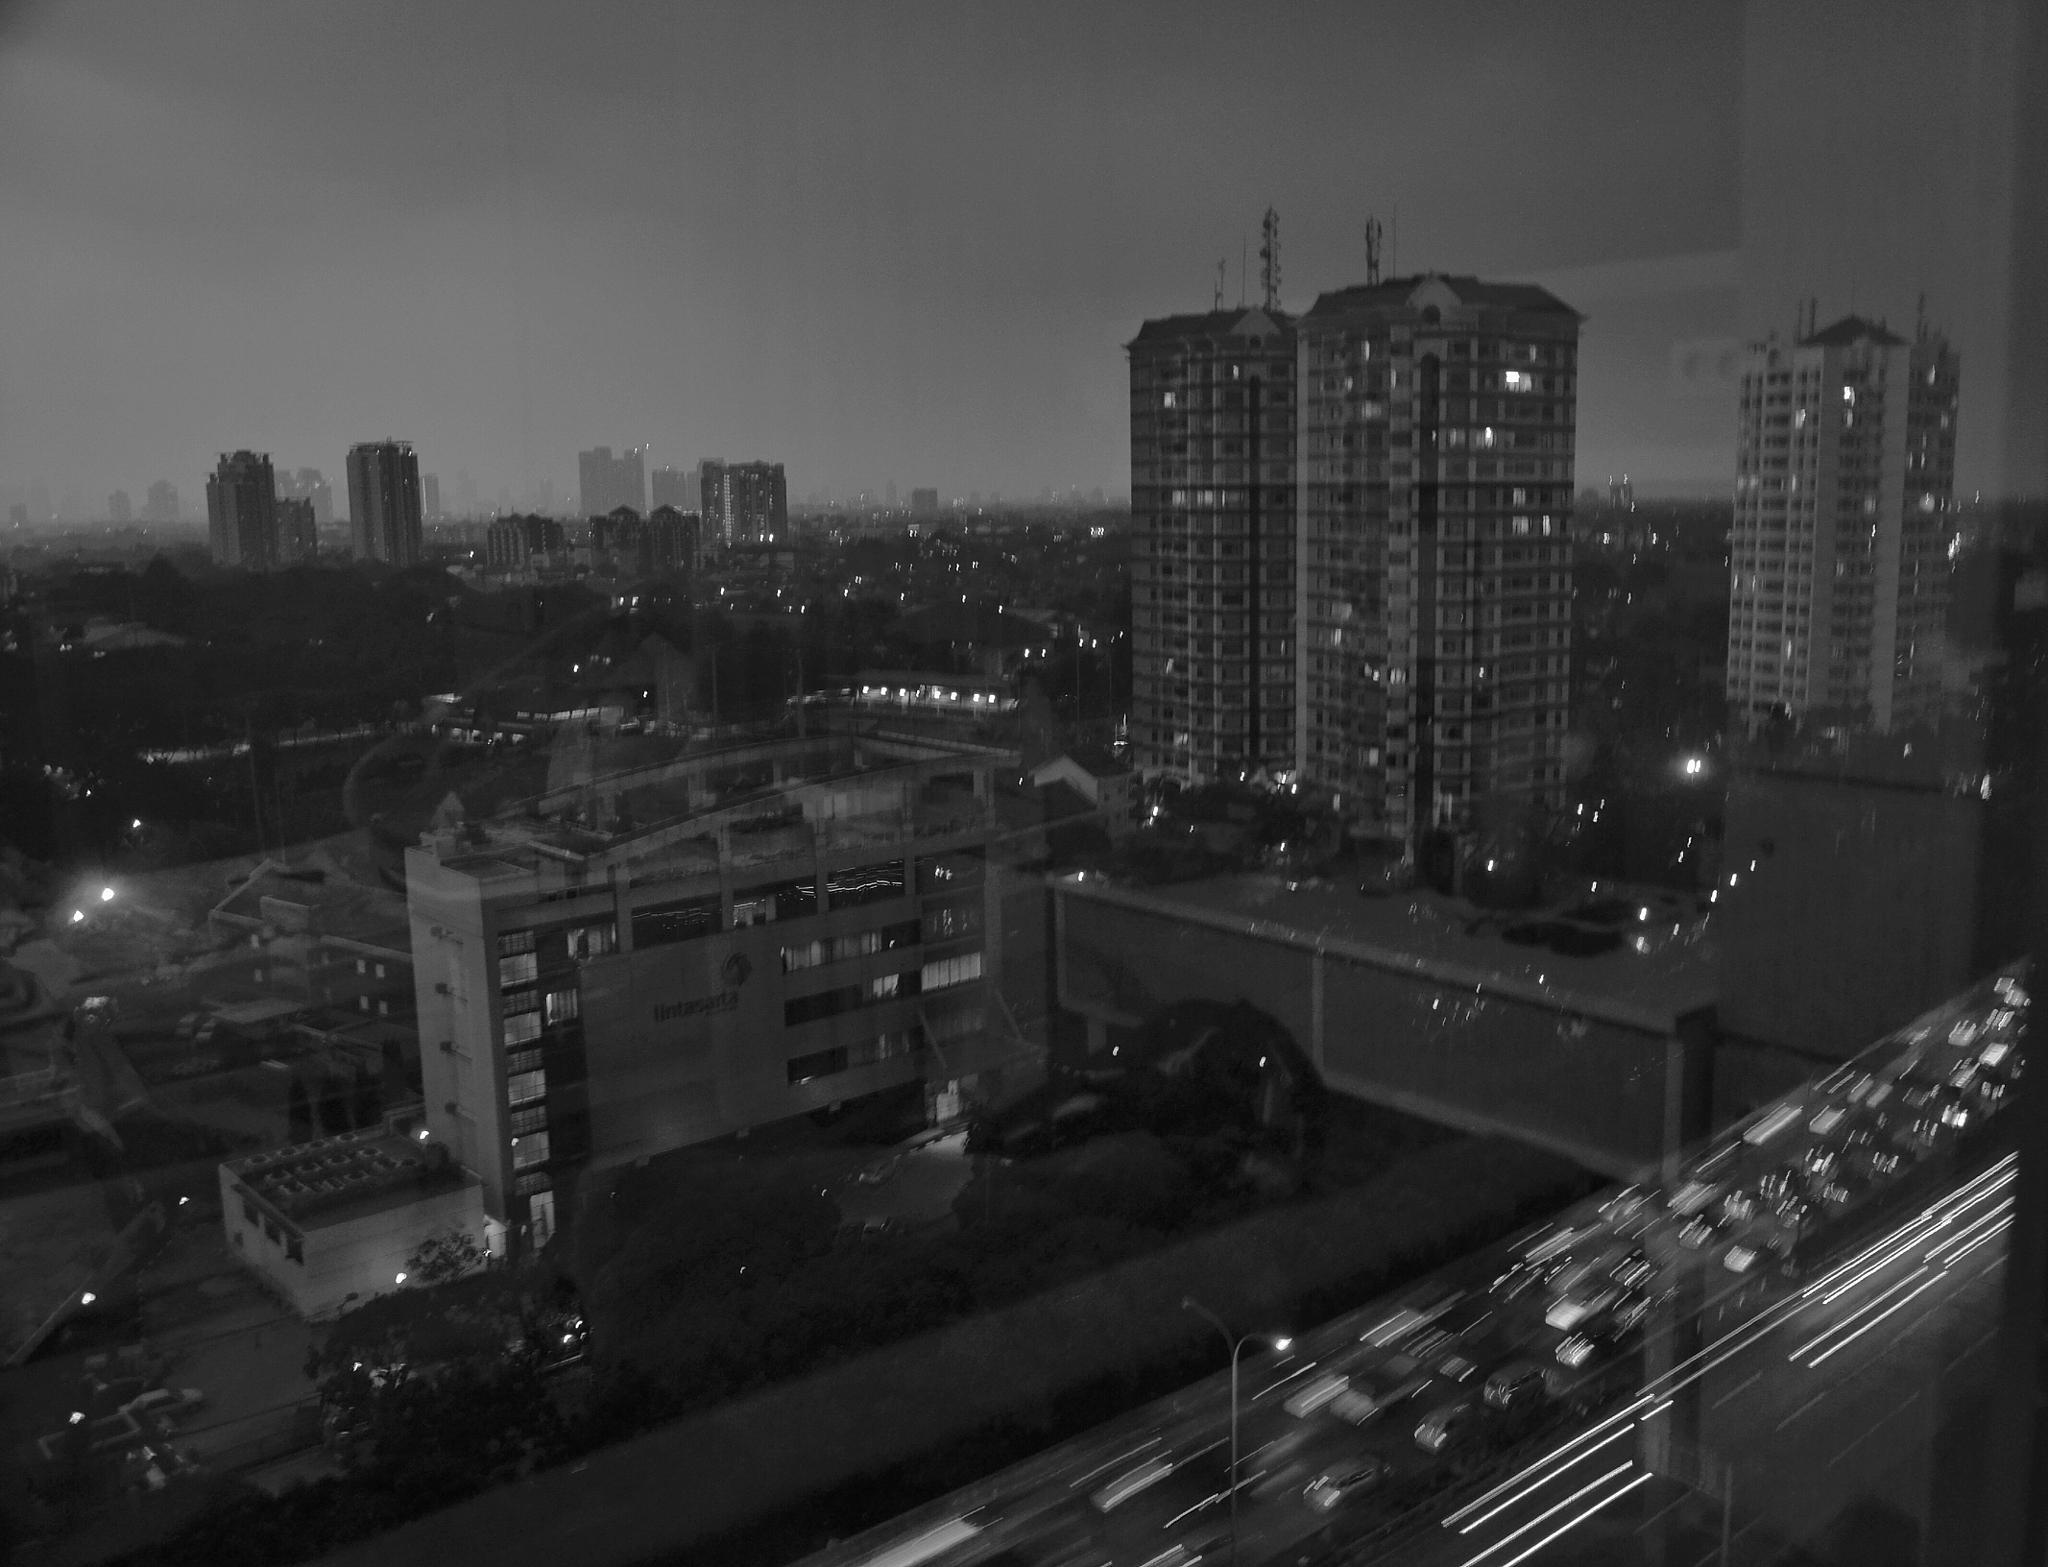 City scape by bambang irawan